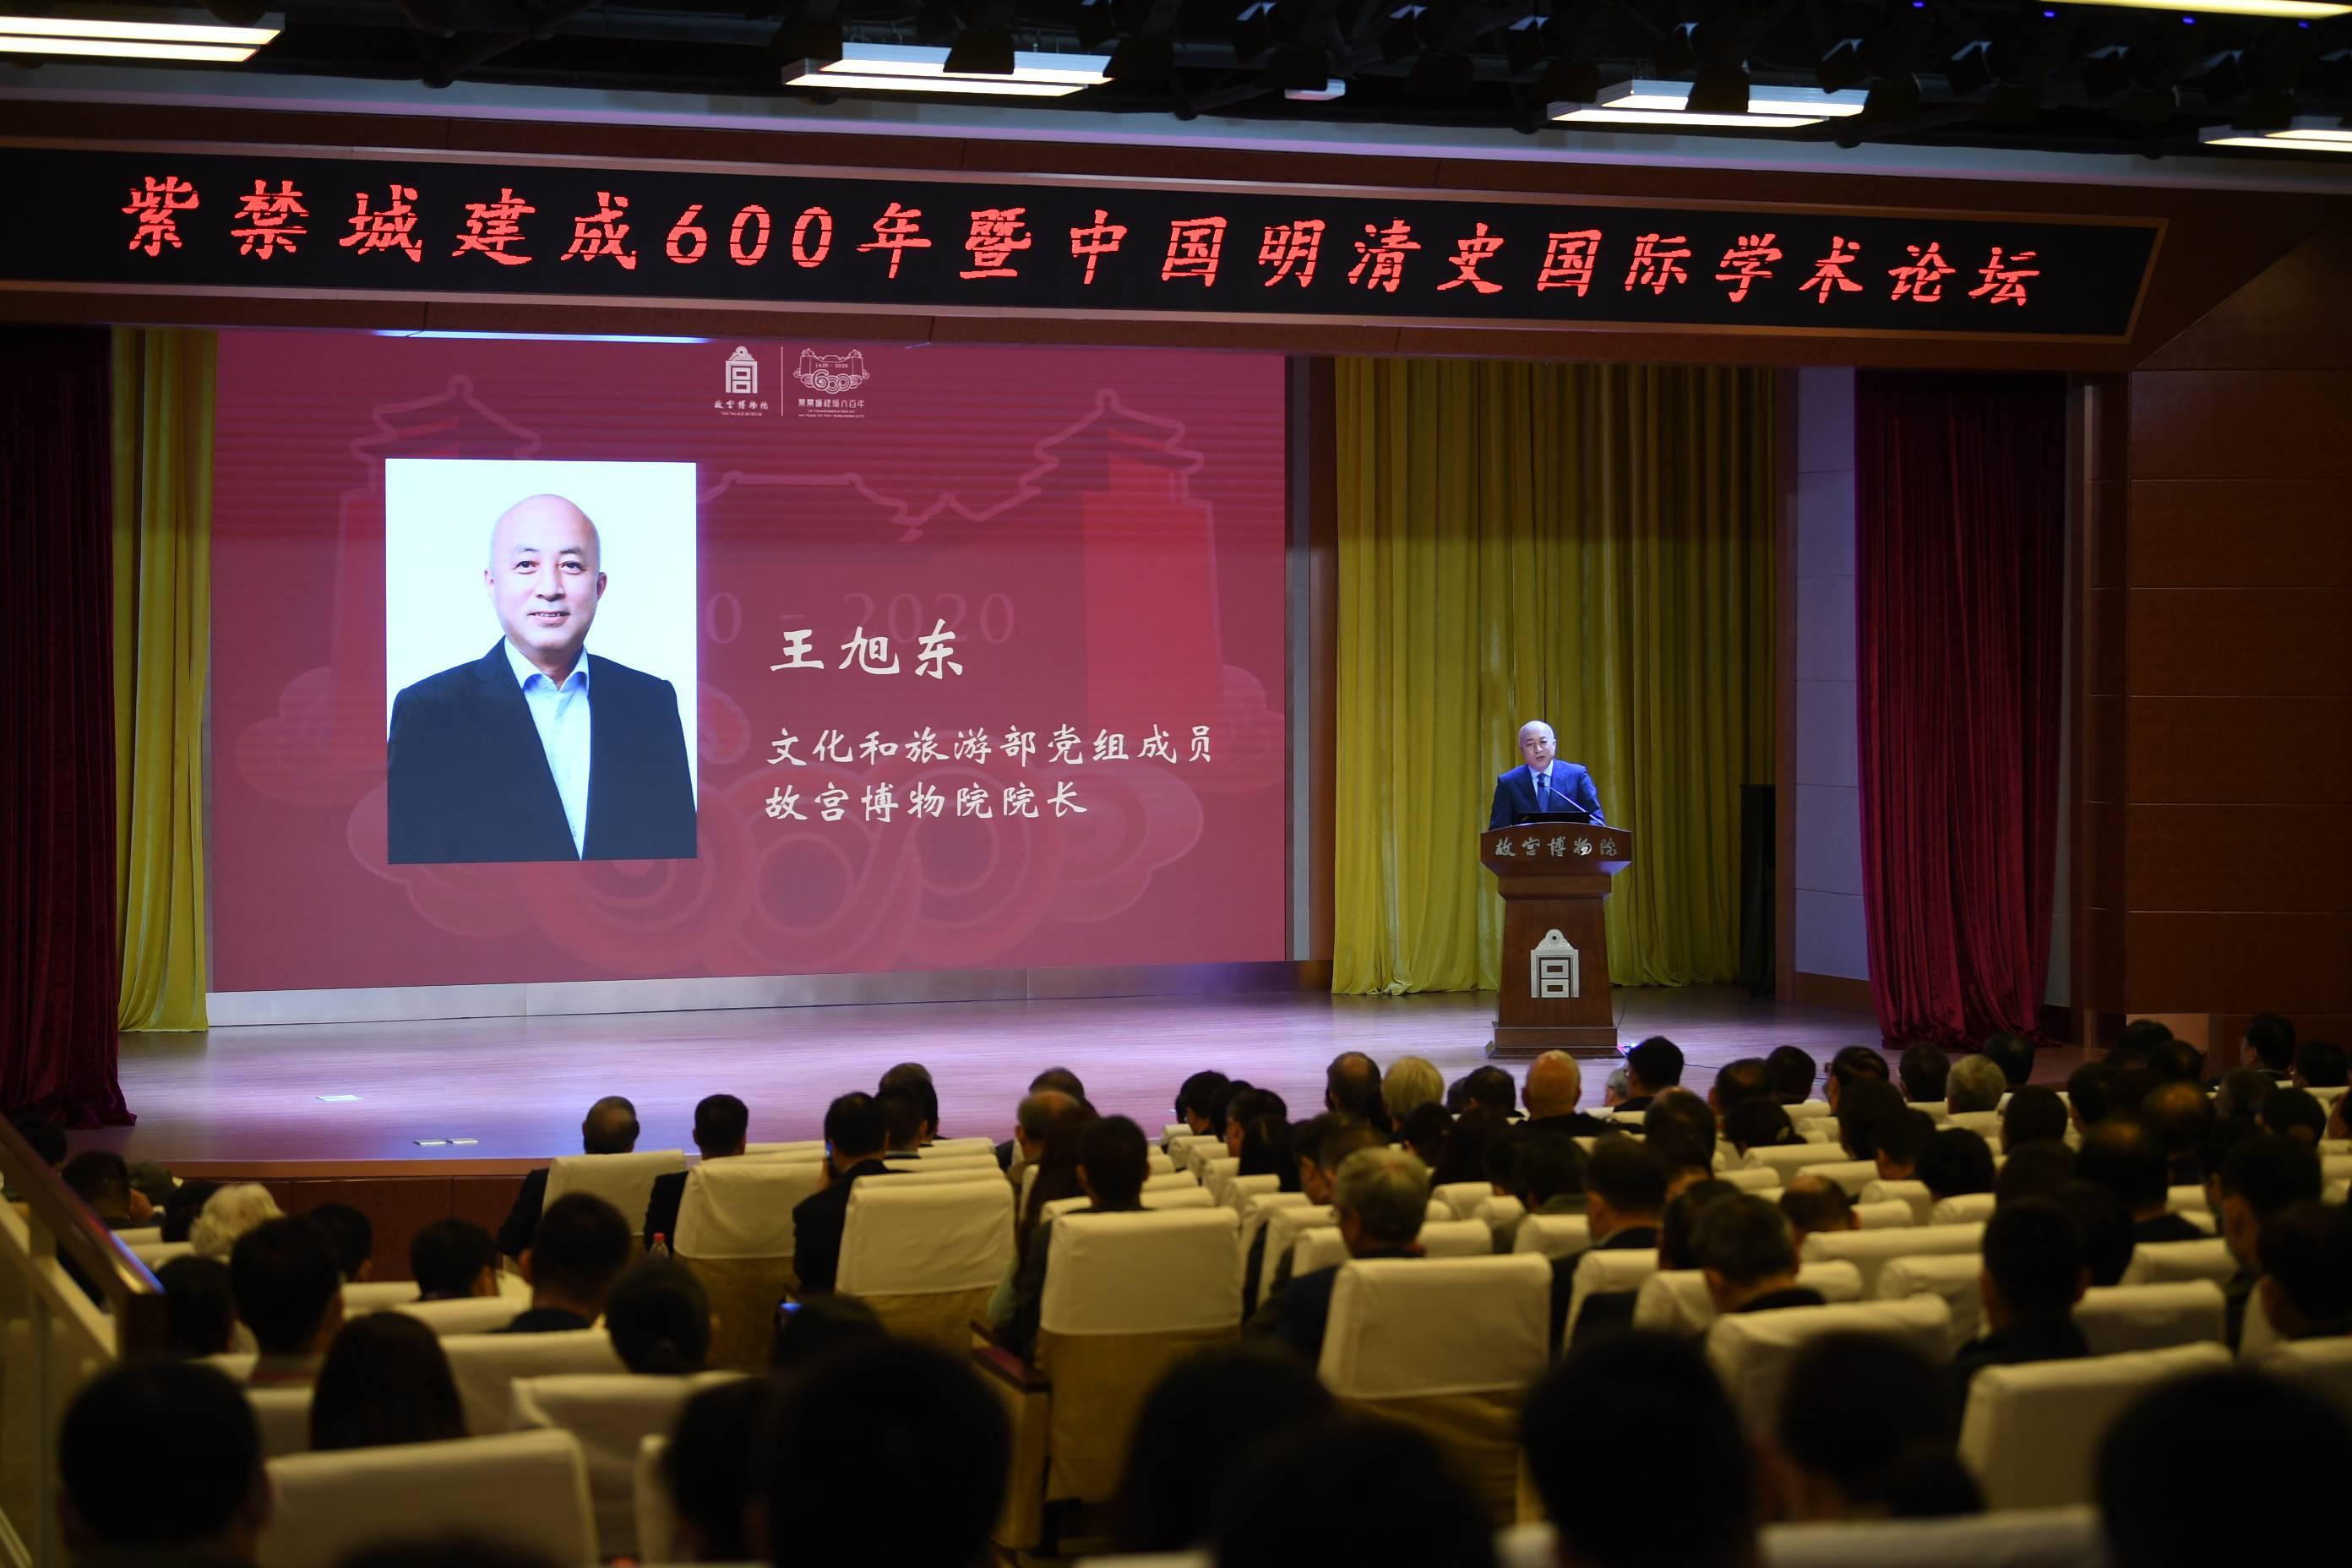 紫禁城建成600年暨中国明清史国际学术论坛举行